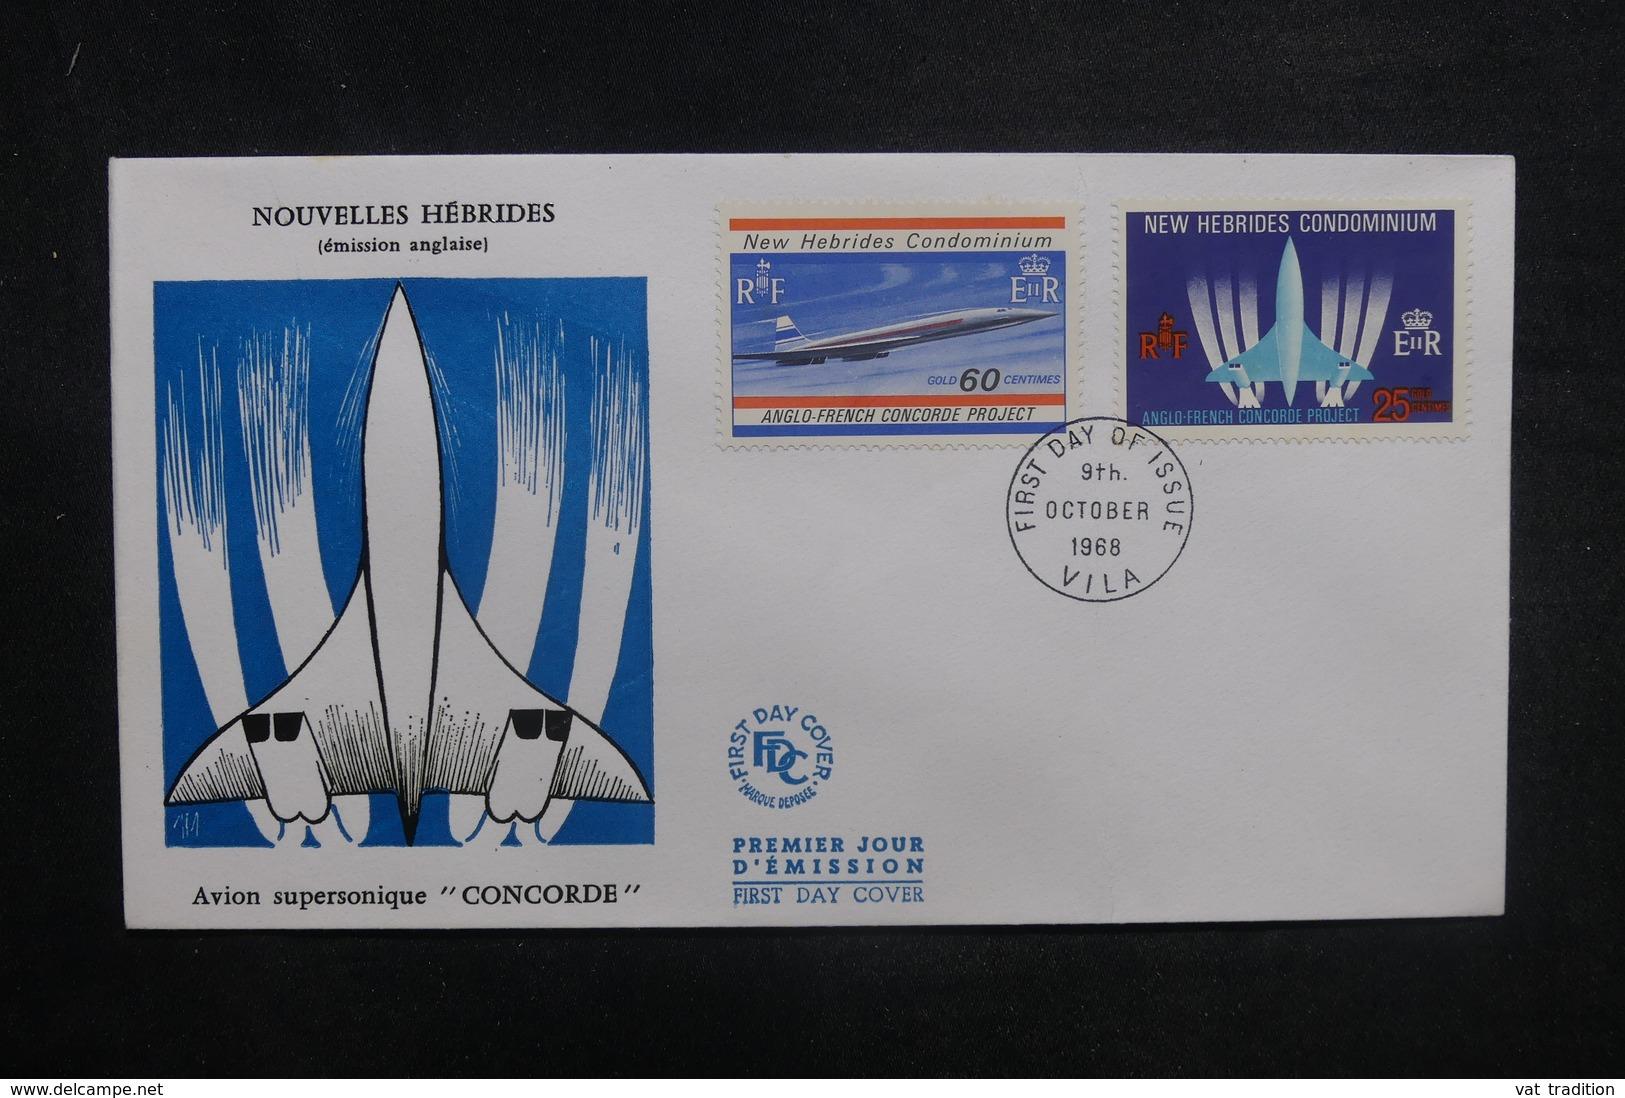 NOUVELLES HÉBRIDES - Enveloppe FDC 1968 - Concorde - L 37821 - FDC